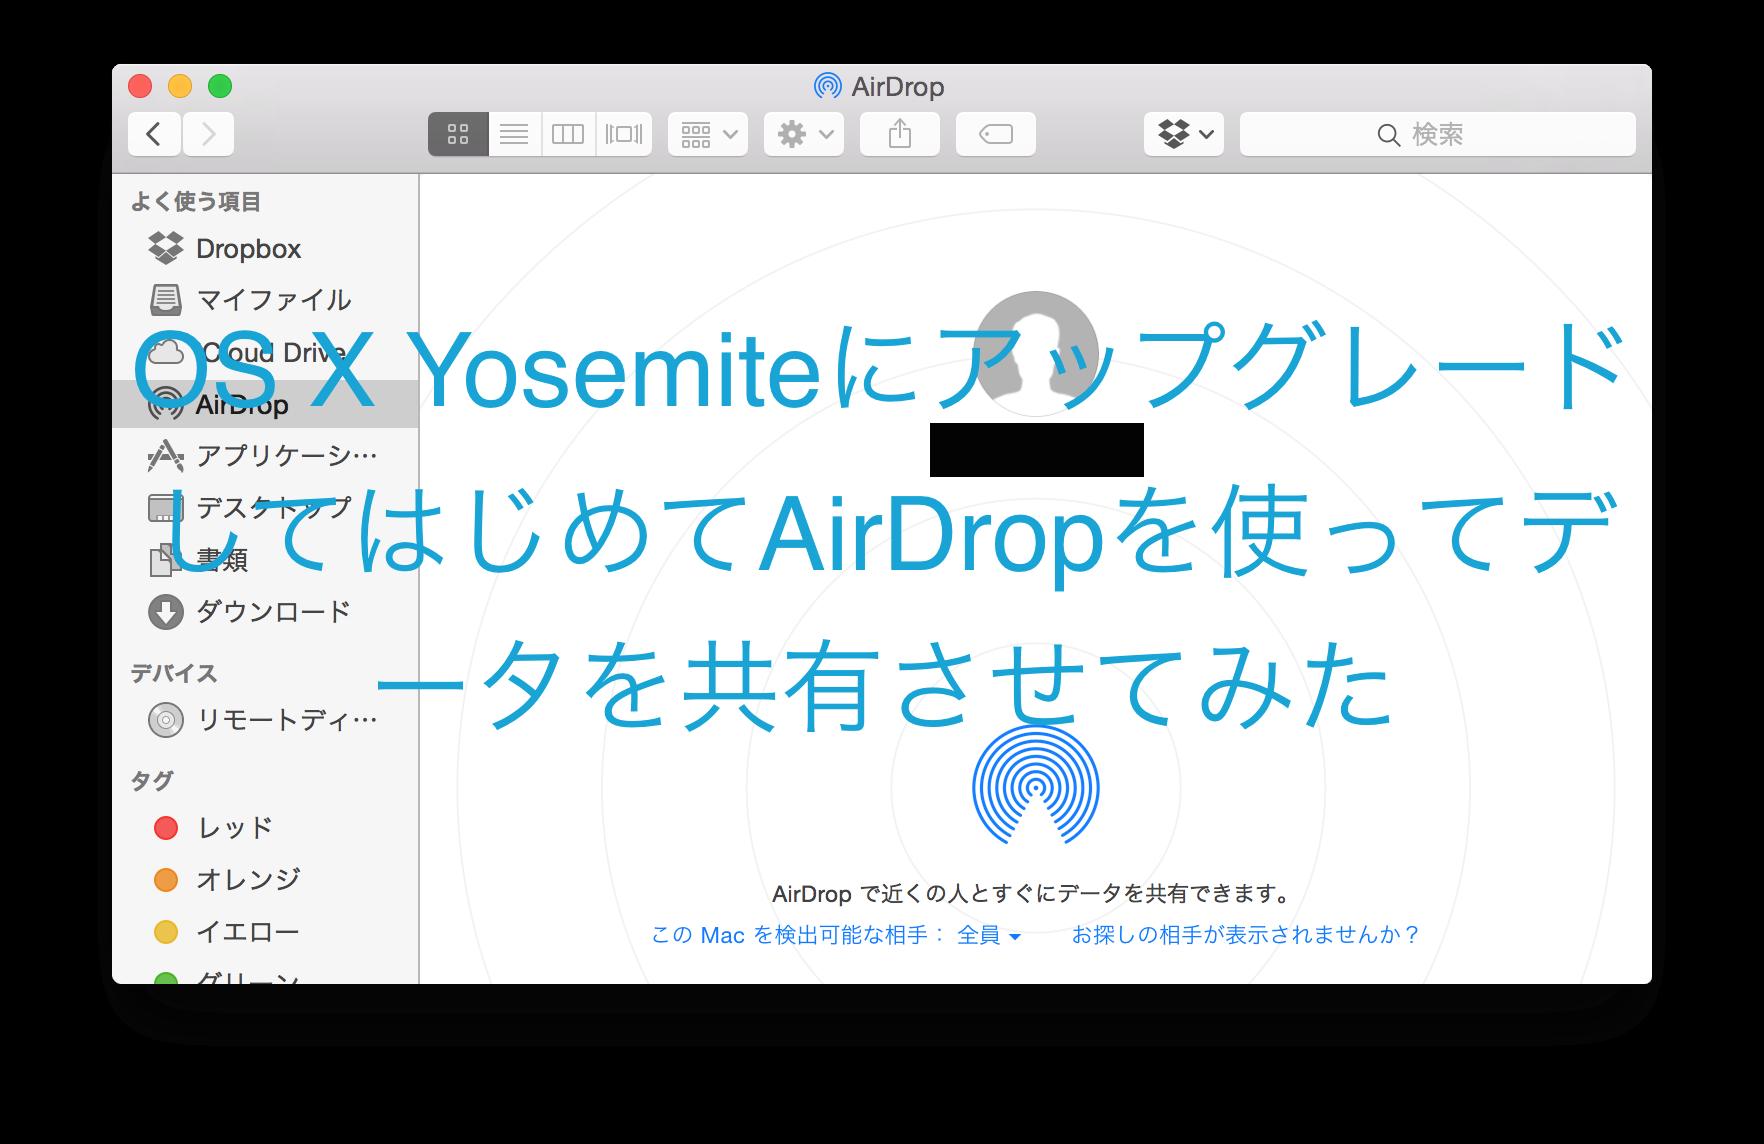 スクリーンショット 2014-11-26 18.09.54 のコピー